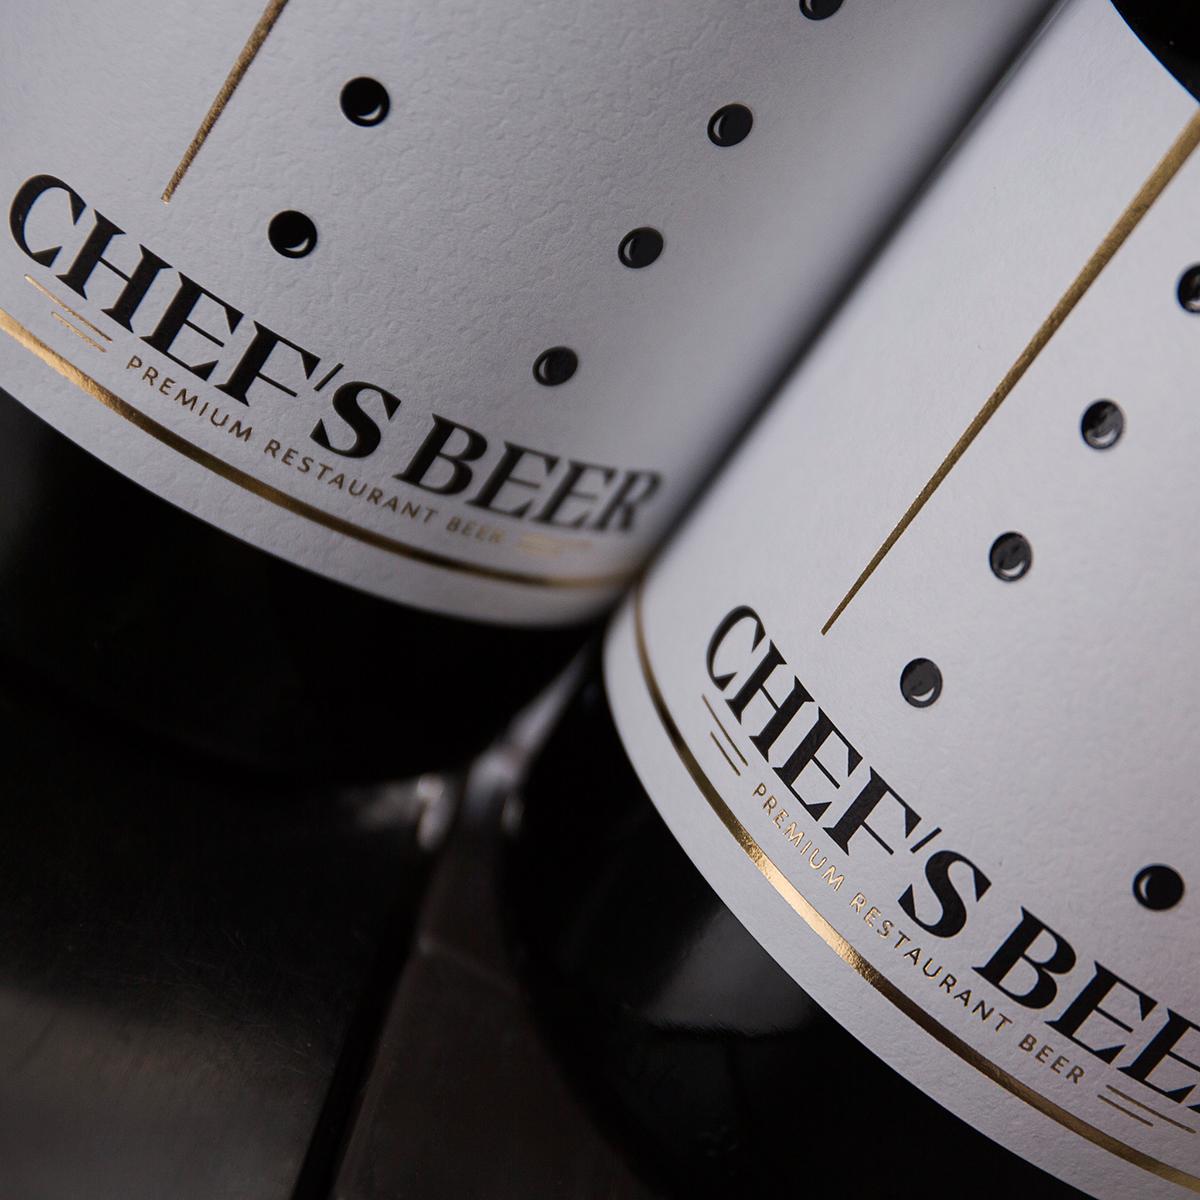 CHEF'S BEER